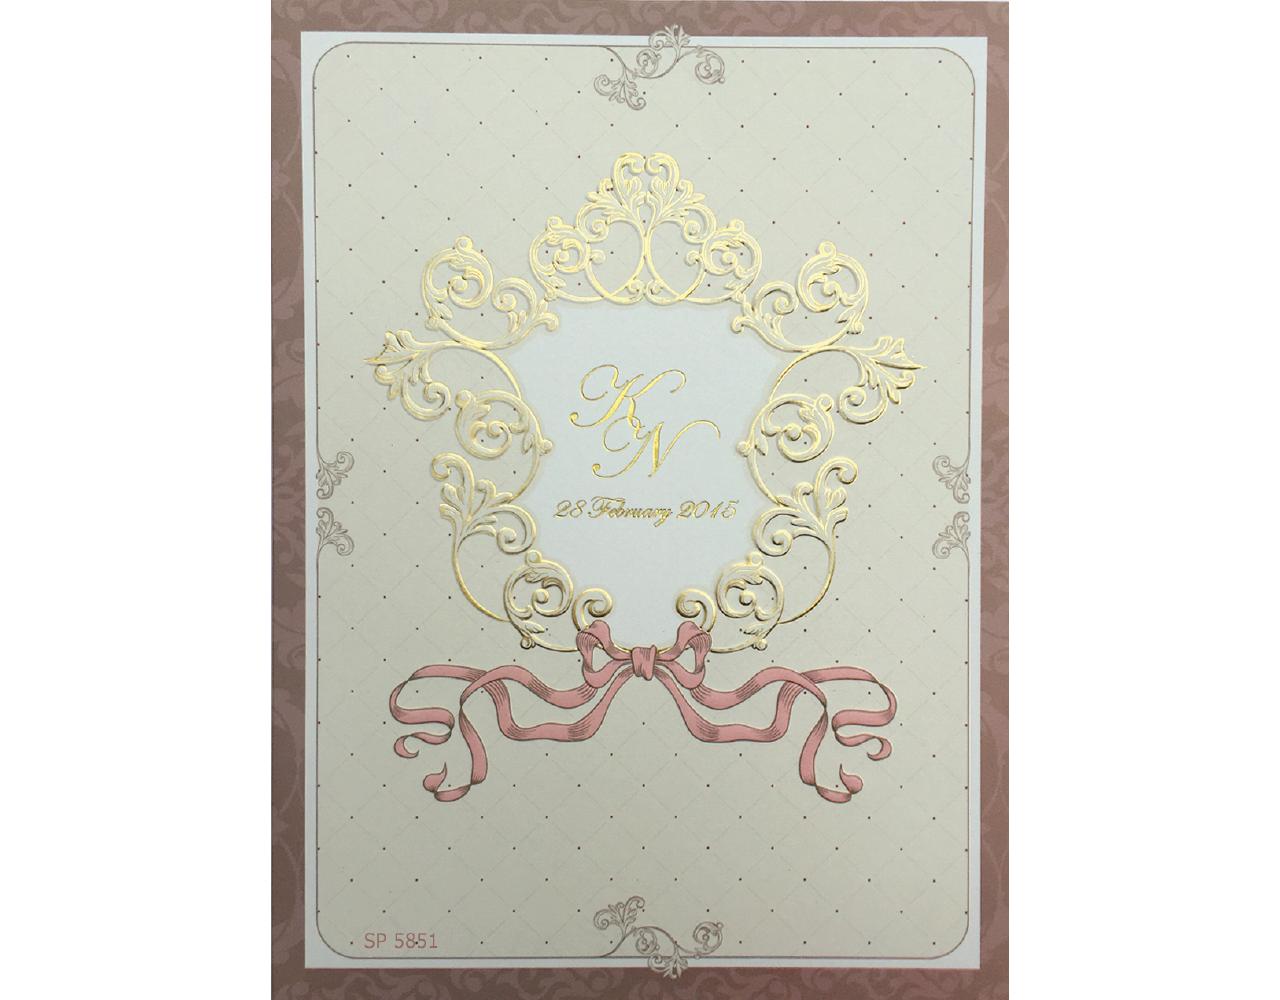 การ์ดแต่งงาน การ์ดเชิญ สีครีมขอบน้ำตาล 2 พับ ปั๊มนูน wedding card 6x8.5 inch sp 5851